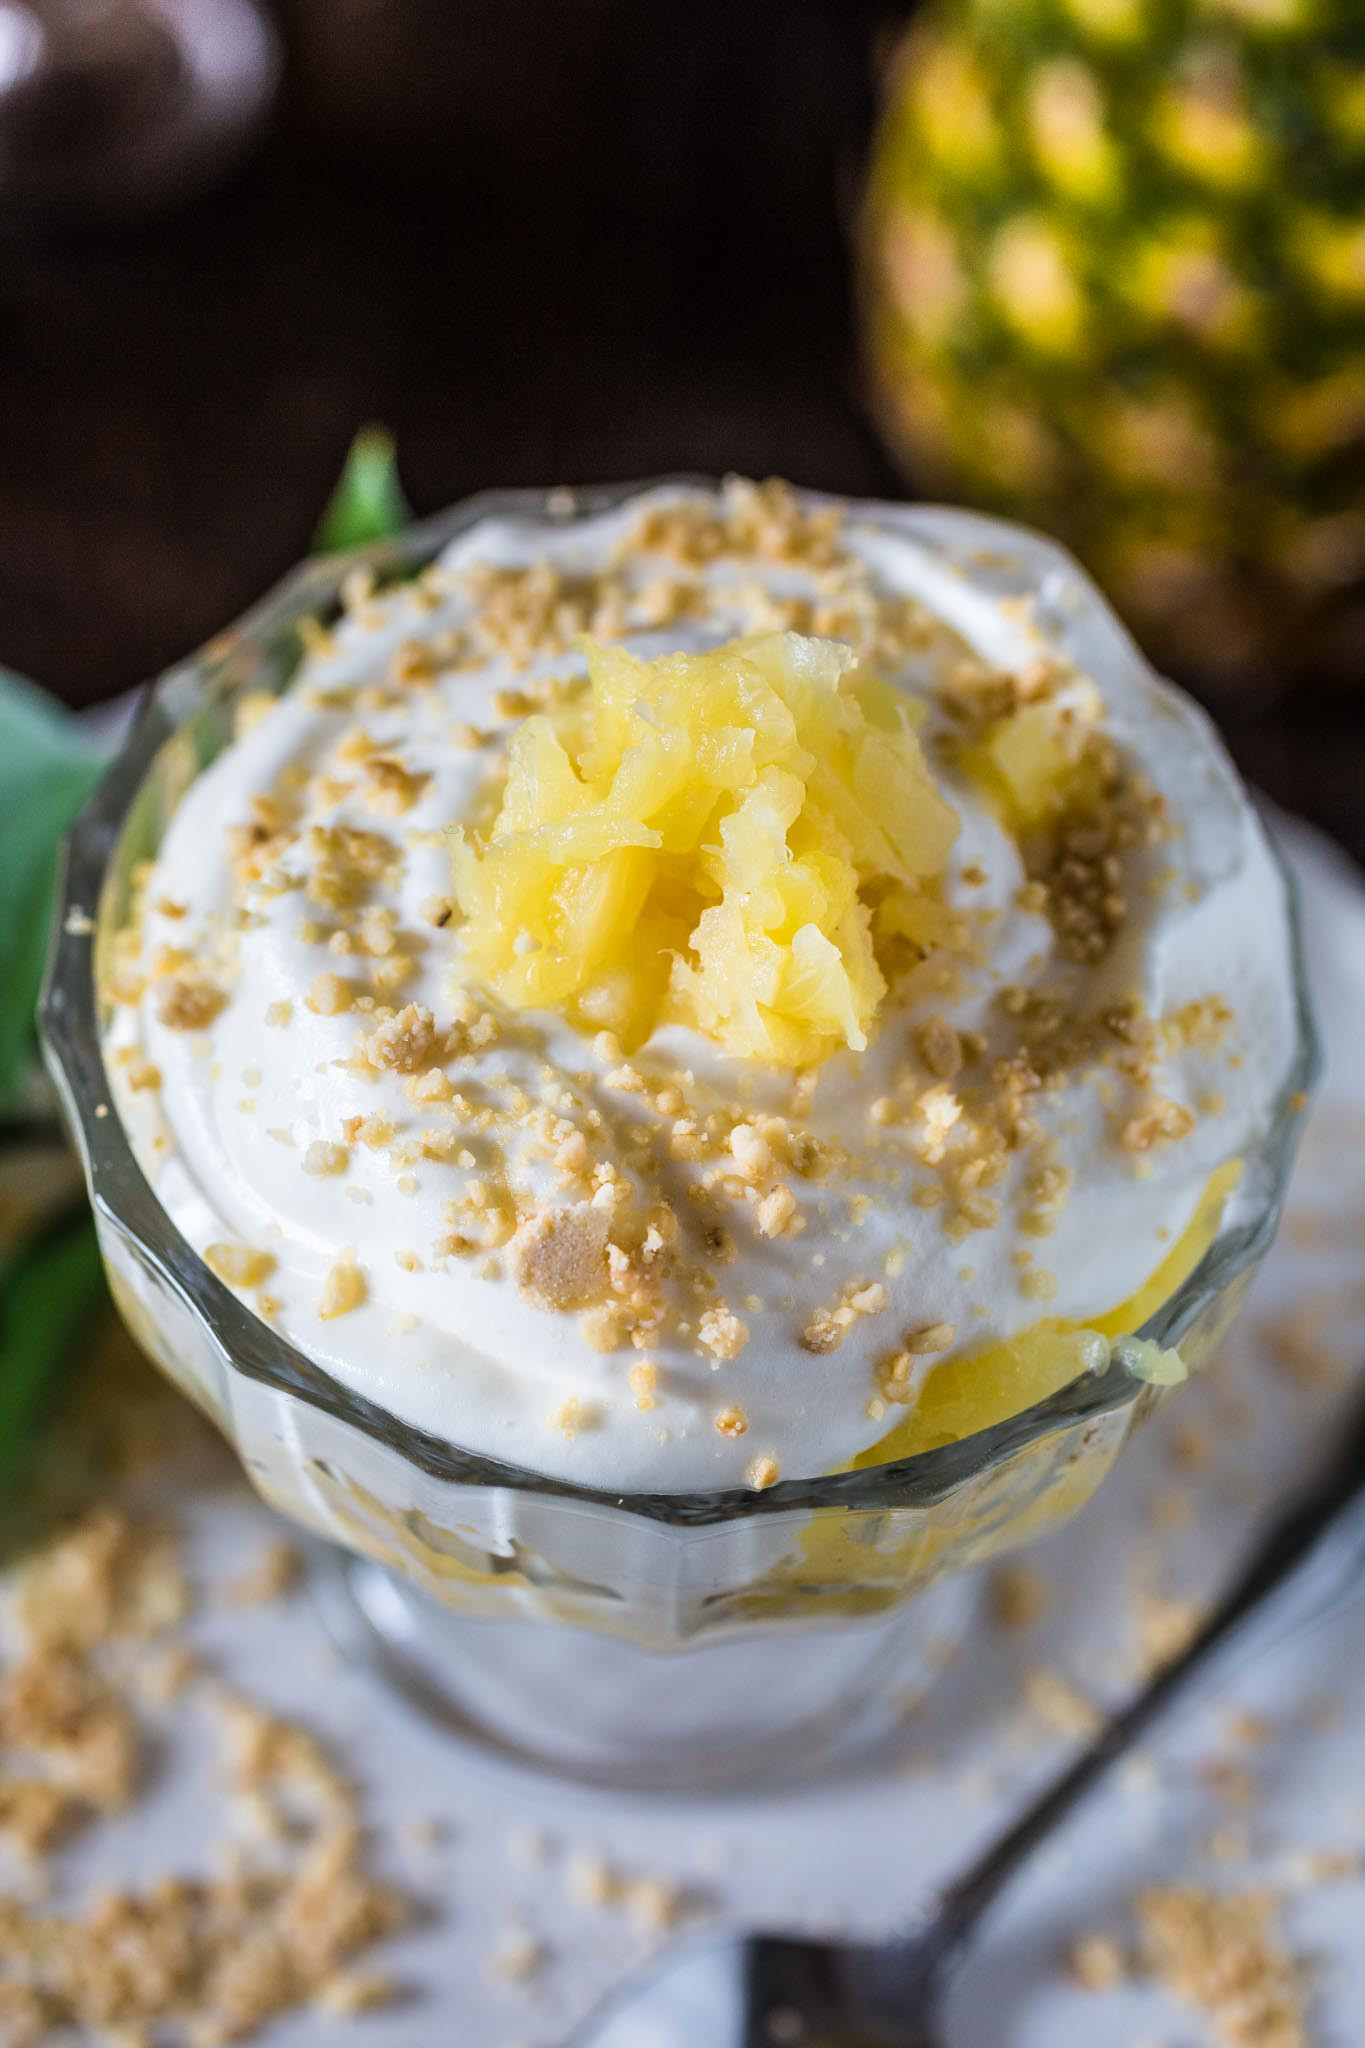 Easy Pineapple Desserts  Brazilian Pineapple Dessert Olivia s Cuisine